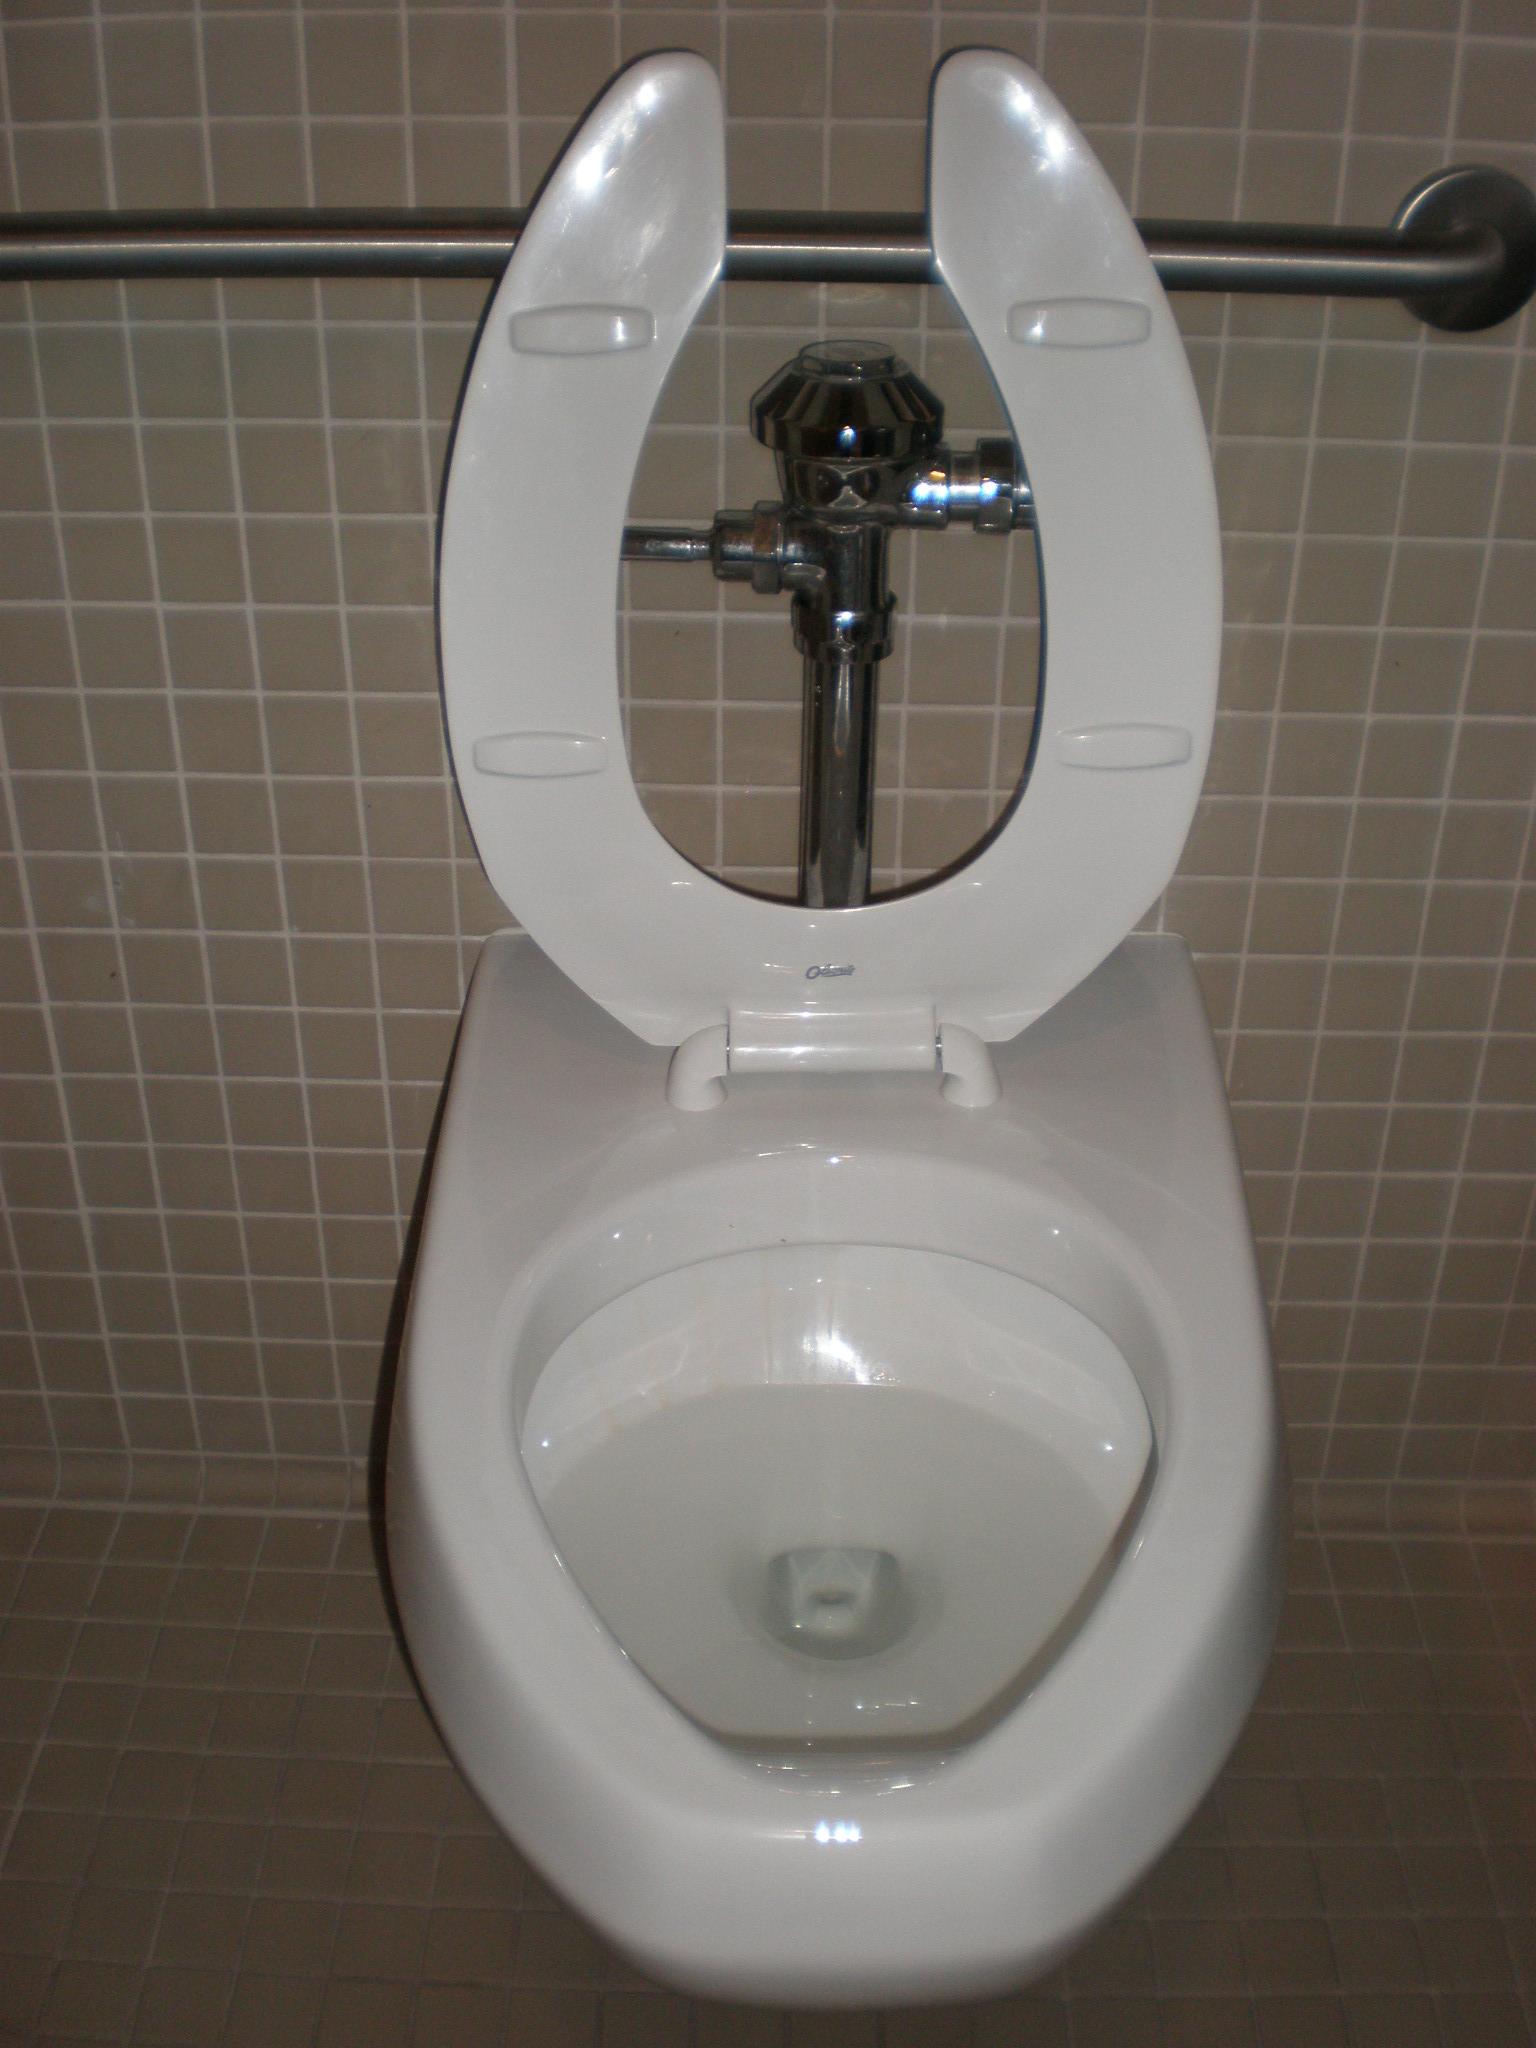 File:Kohler toilet.JPG - Wikimedia Commons